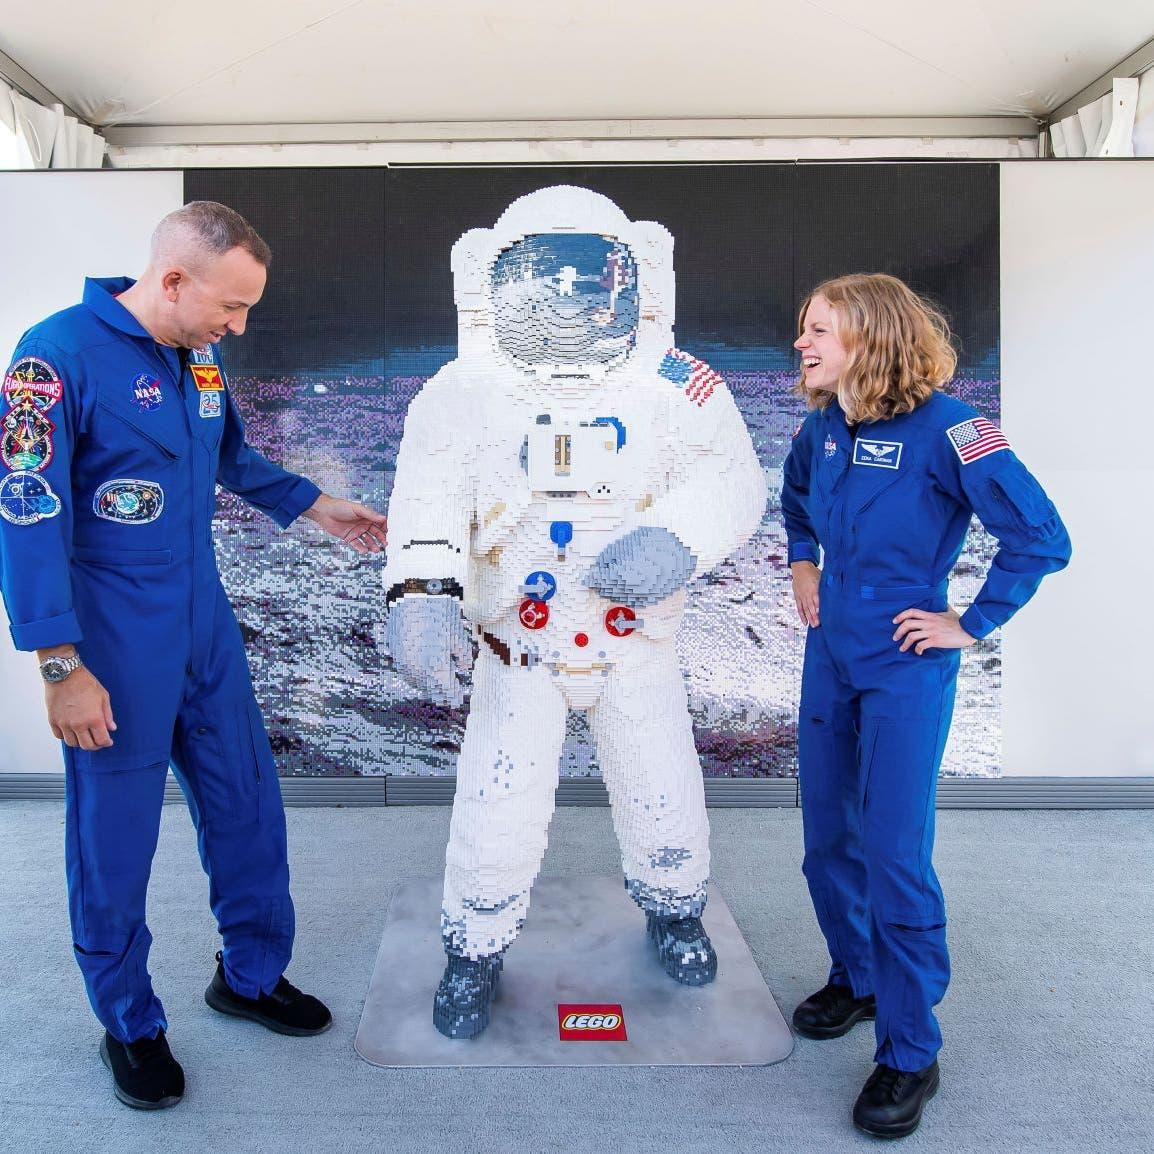 بعد 6 أشهر من خطأ محرج.. ناسا تستعد لسير فضائي نسائي